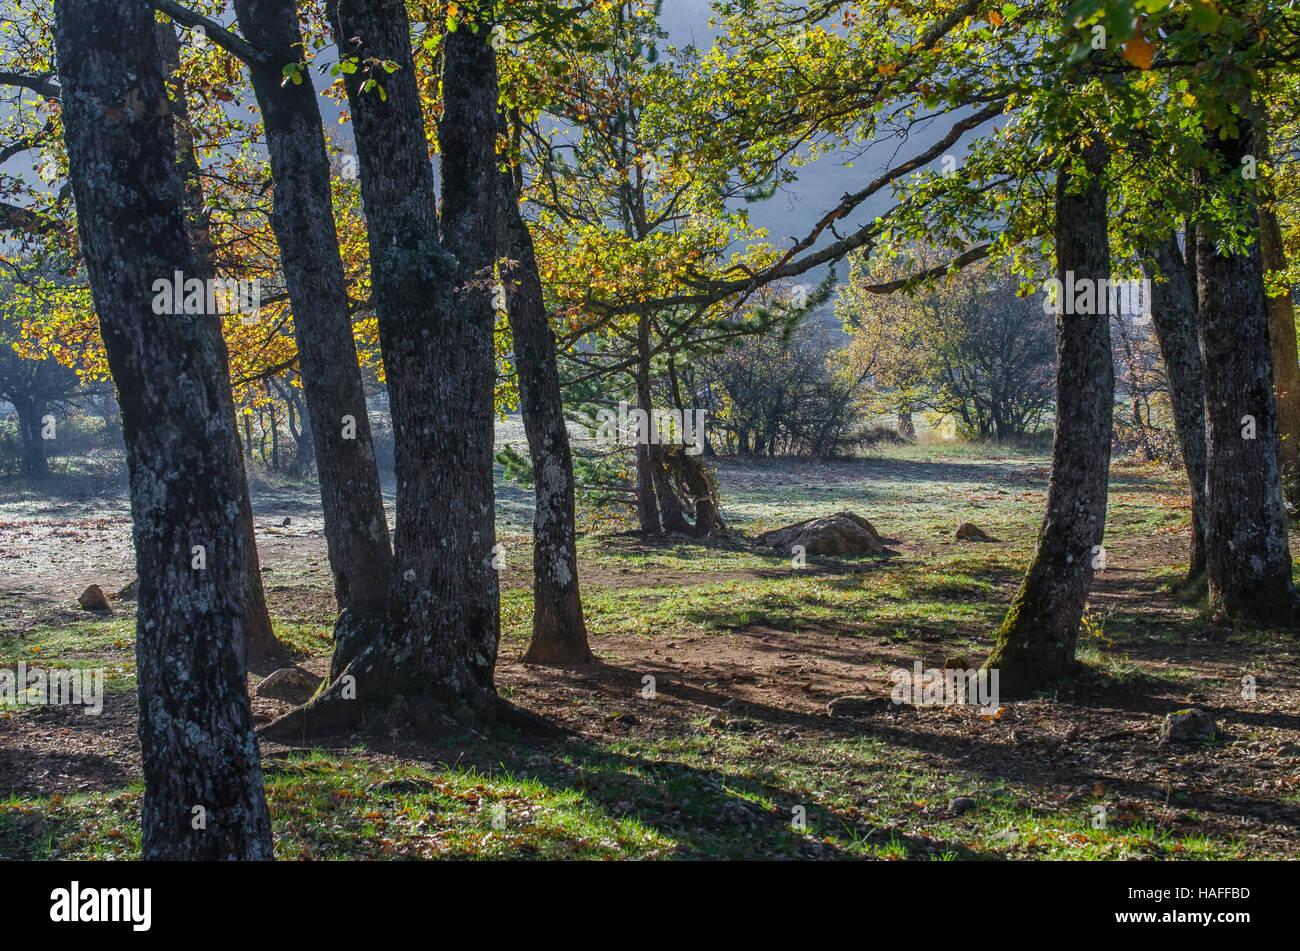 arbres en automne, forêt de Ste Baume, var, France - Stock Image